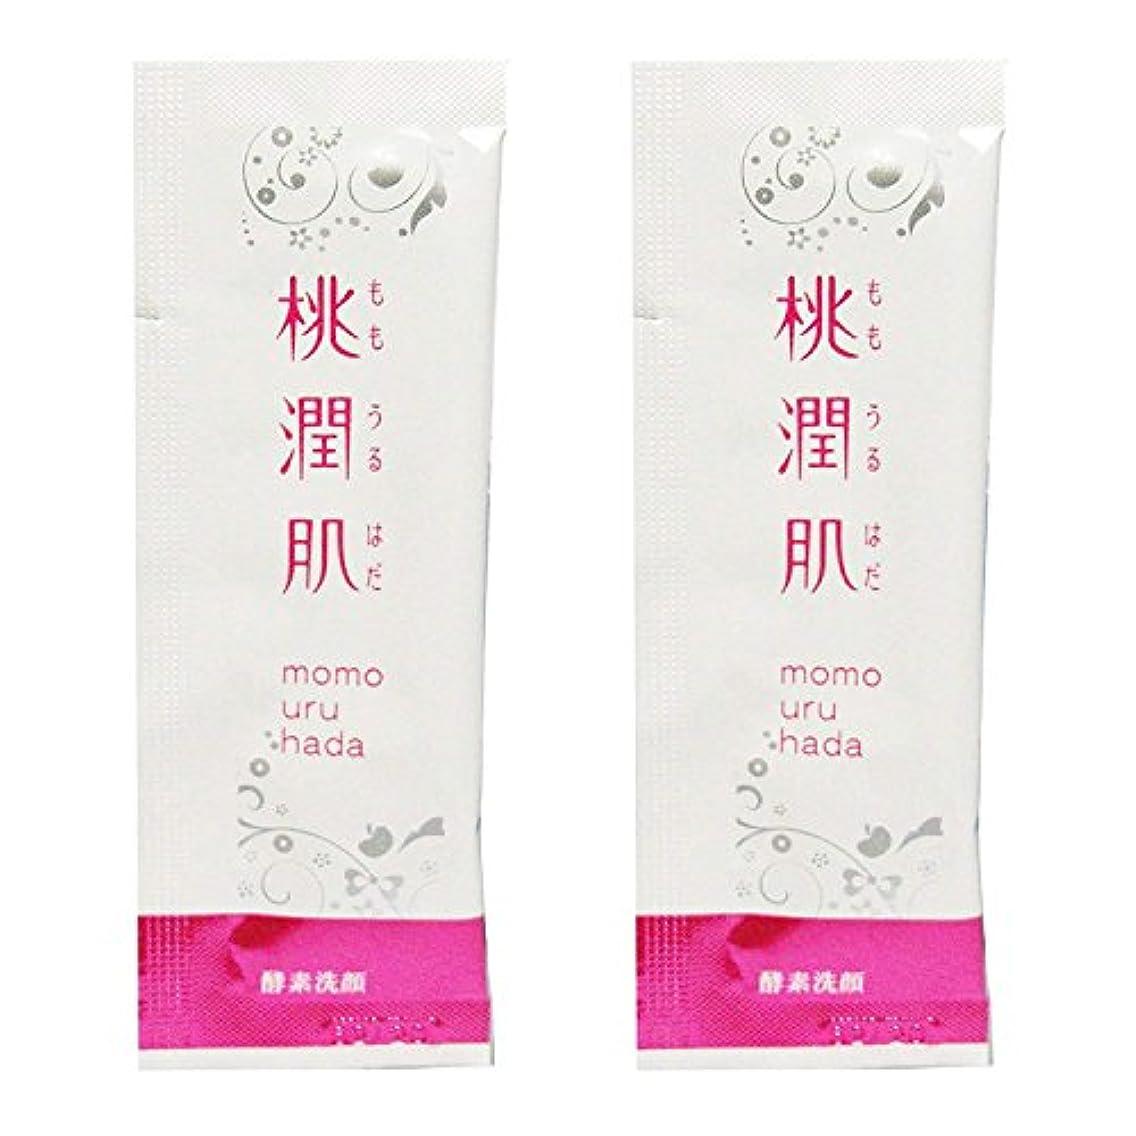 ビヨンスリラー驚くばかりアスティ 桃潤肌 酵素洗顔パウダー お試し用 2回分 (1g×2包)